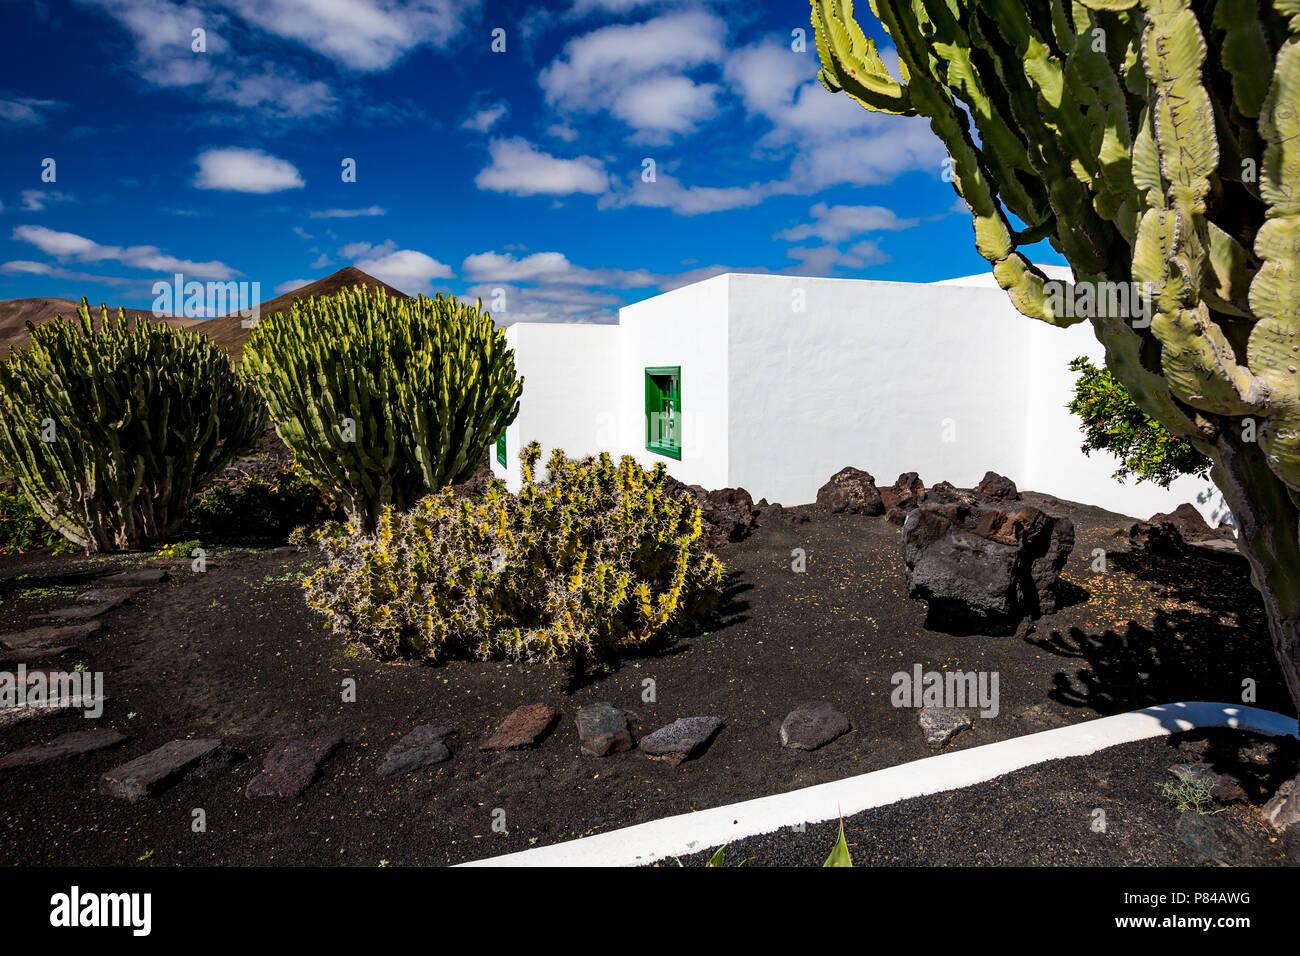 Vista De La Calle De Piedra Blanca Residencial Hermosa Casa Jardin